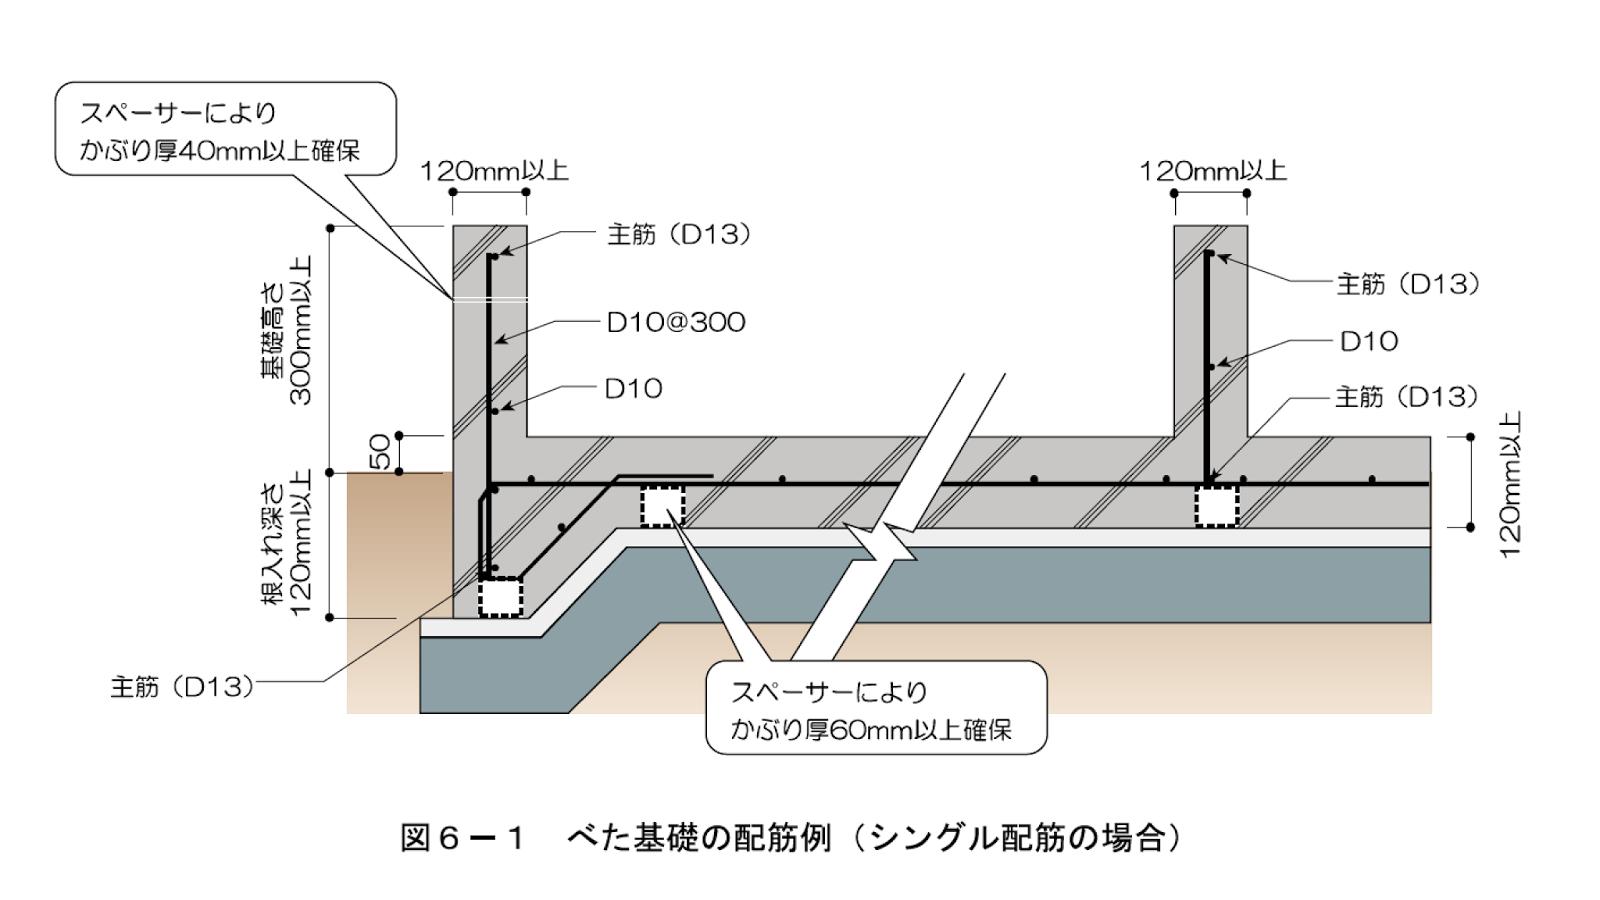 ベタ基礎とは基礎の立ち上がりはもちろんのこと、底板(住宅がのる範囲)も鉄筋コンクリートになっている基礎です。家の荷重を底板全体で受けます。